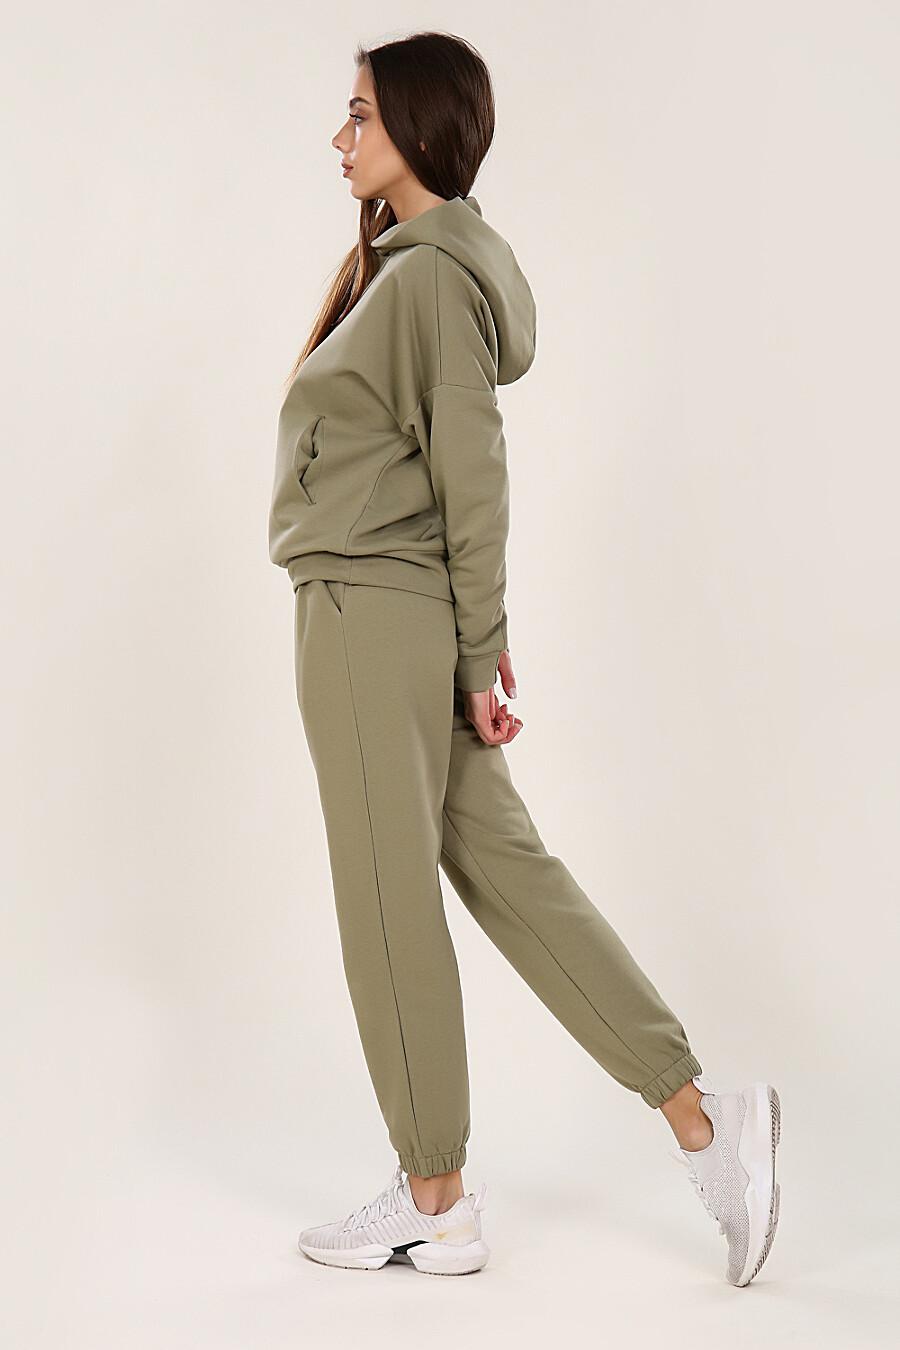 Костюм 16038 для женщин НАТАЛИ 289685 купить оптом от производителя. Совместная покупка женской одежды в OptMoyo